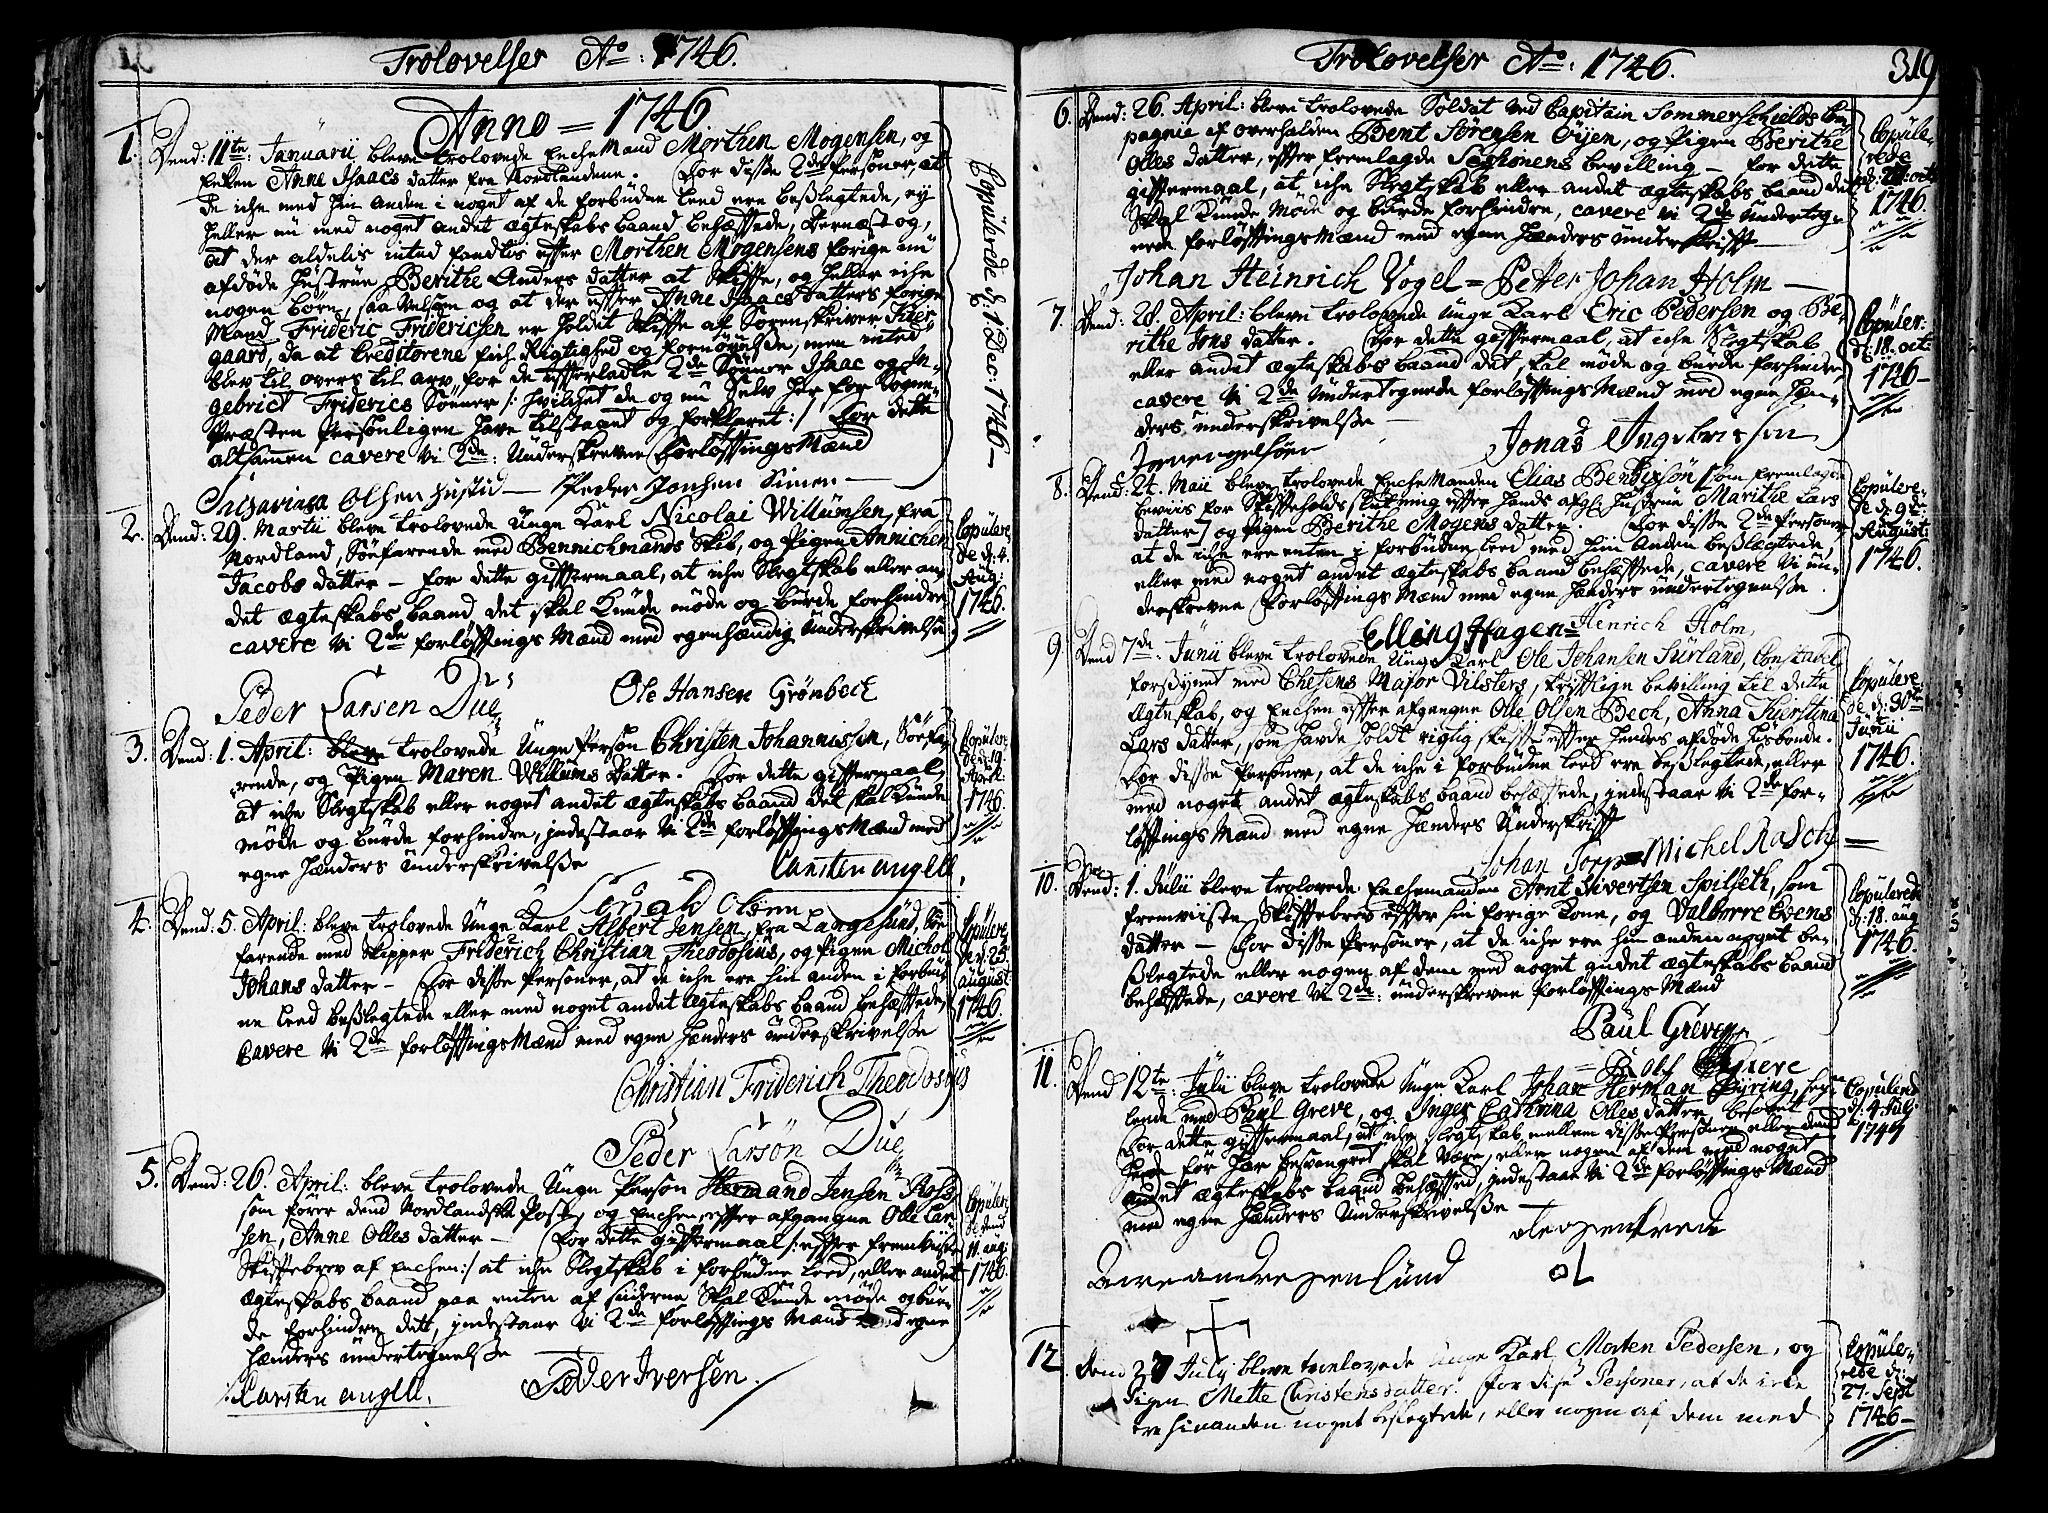 SAT, Ministerialprotokoller, klokkerbøker og fødselsregistre - Sør-Trøndelag, 602/L0103: Ministerialbok nr. 602A01, 1732-1774, s. 319